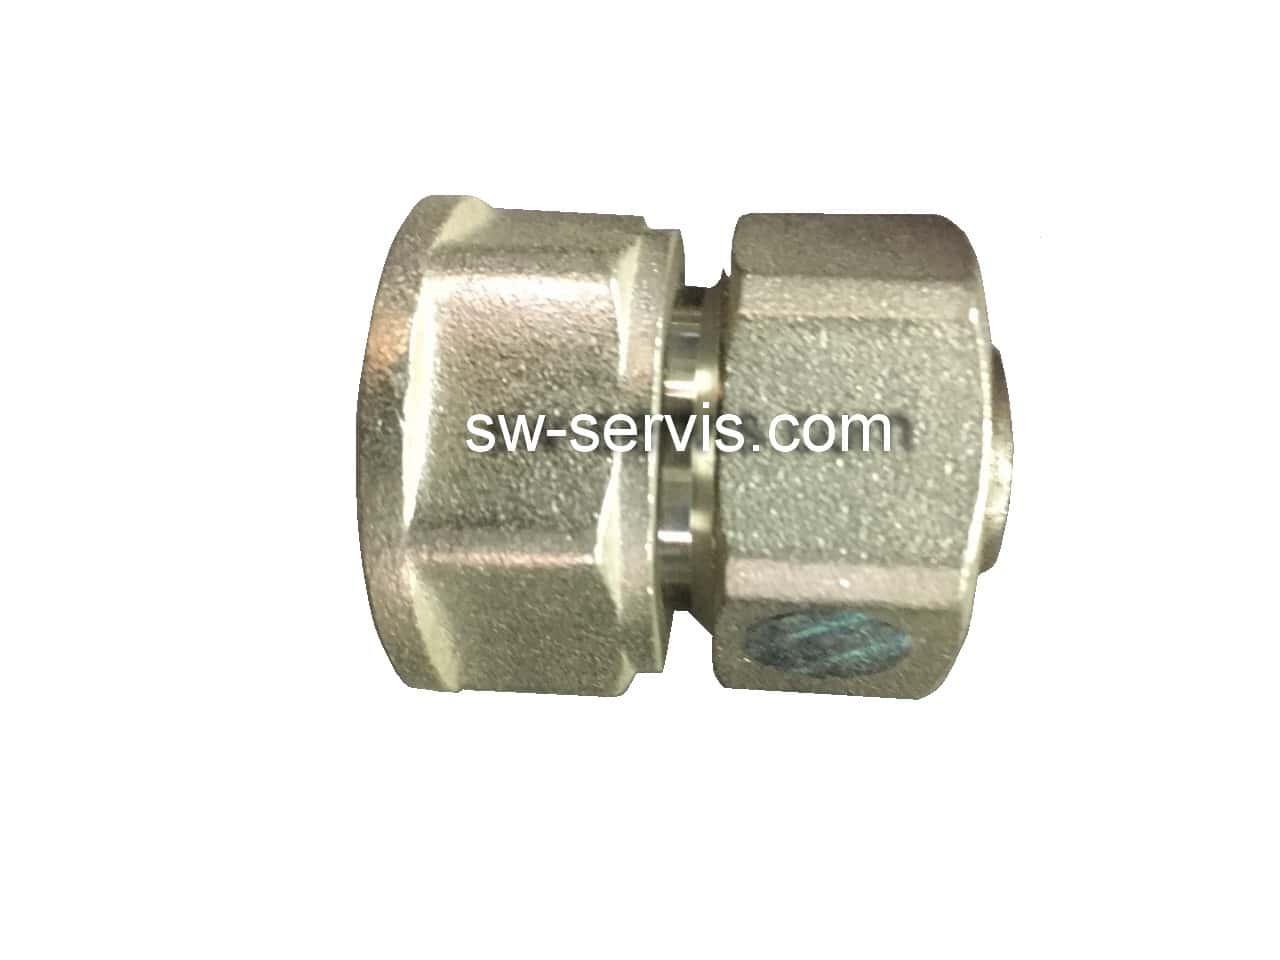 Муфта з внутрішньою для металопластикової труби 16*1/2 посилена Forte